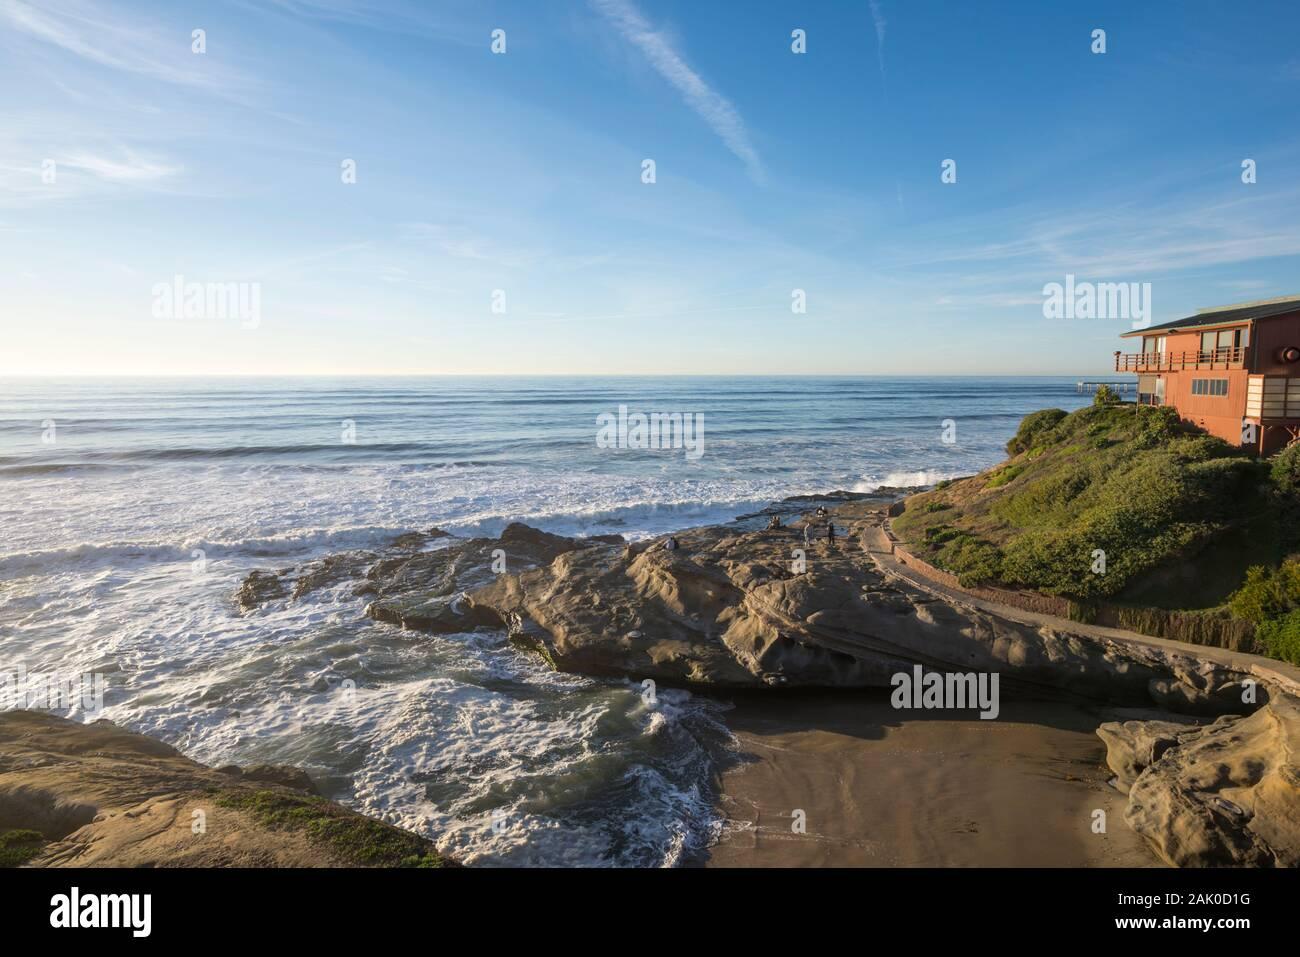 Escena de Invierno costero en la comunidad de Ocean Beach de San Diego, California, USA. Foto de stock